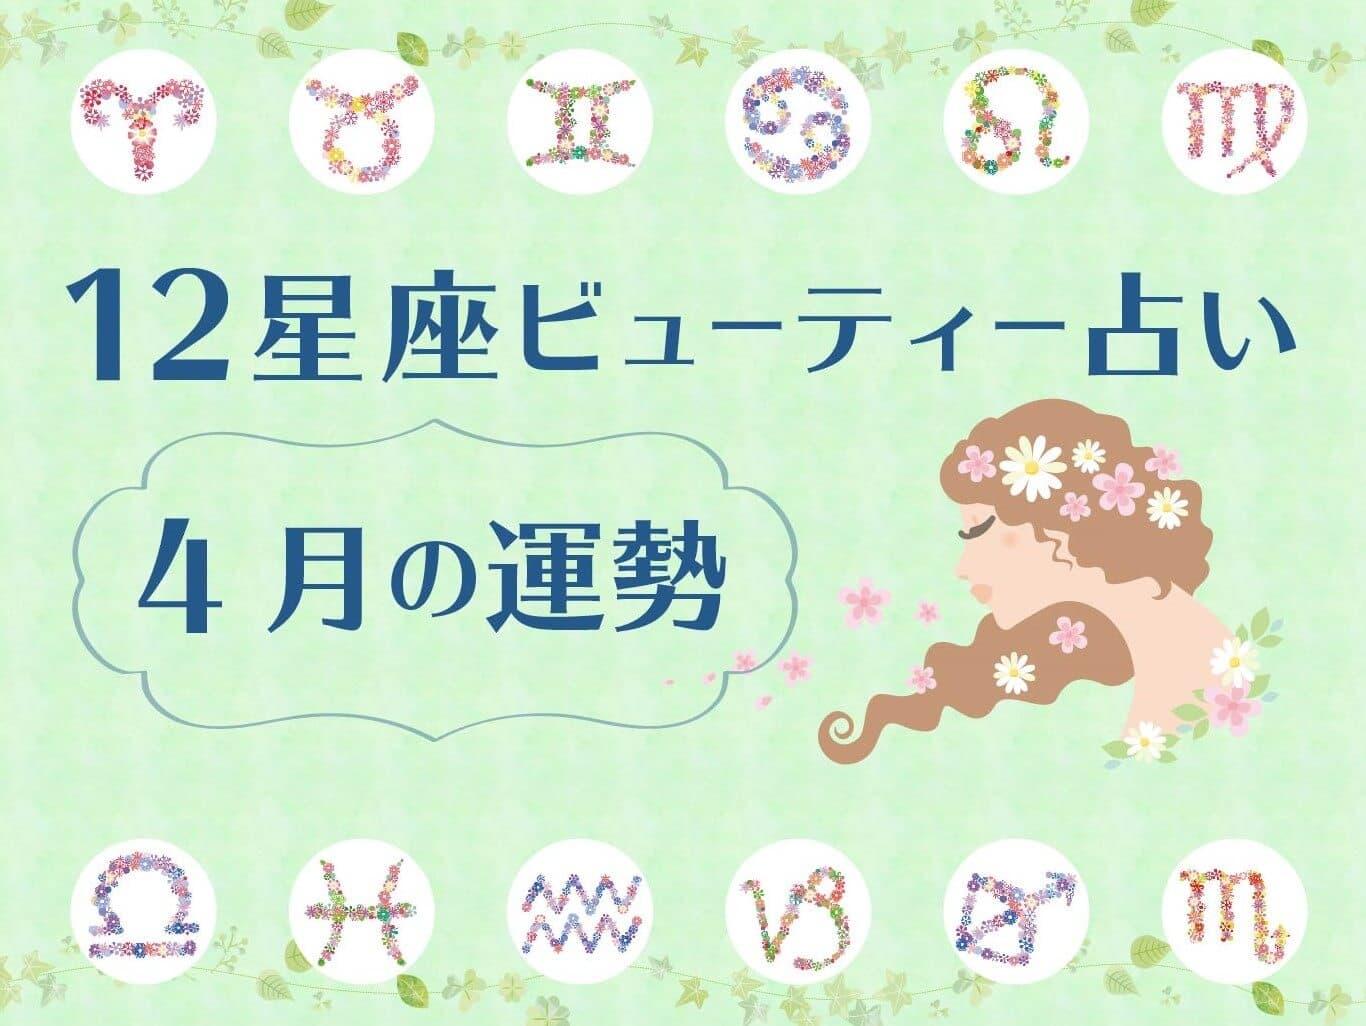 4月の運勢★ビューティー占い★西洋占星術星占い